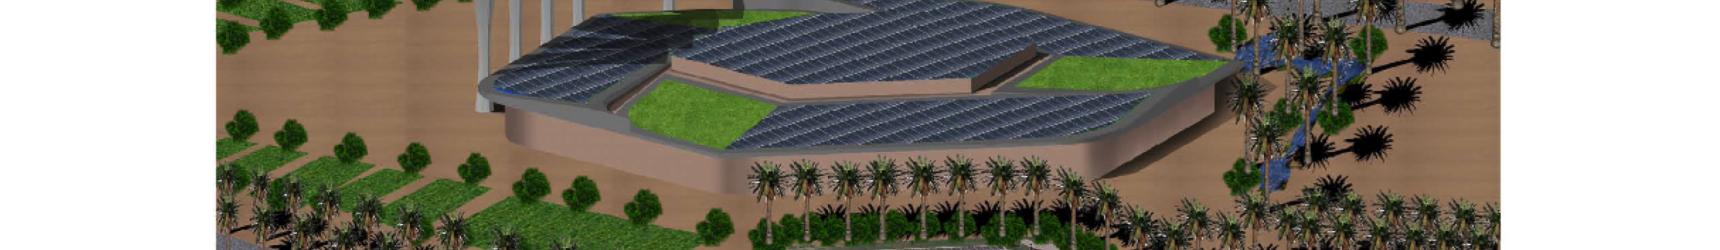 Waste Treatment Plant Saudi Arabia